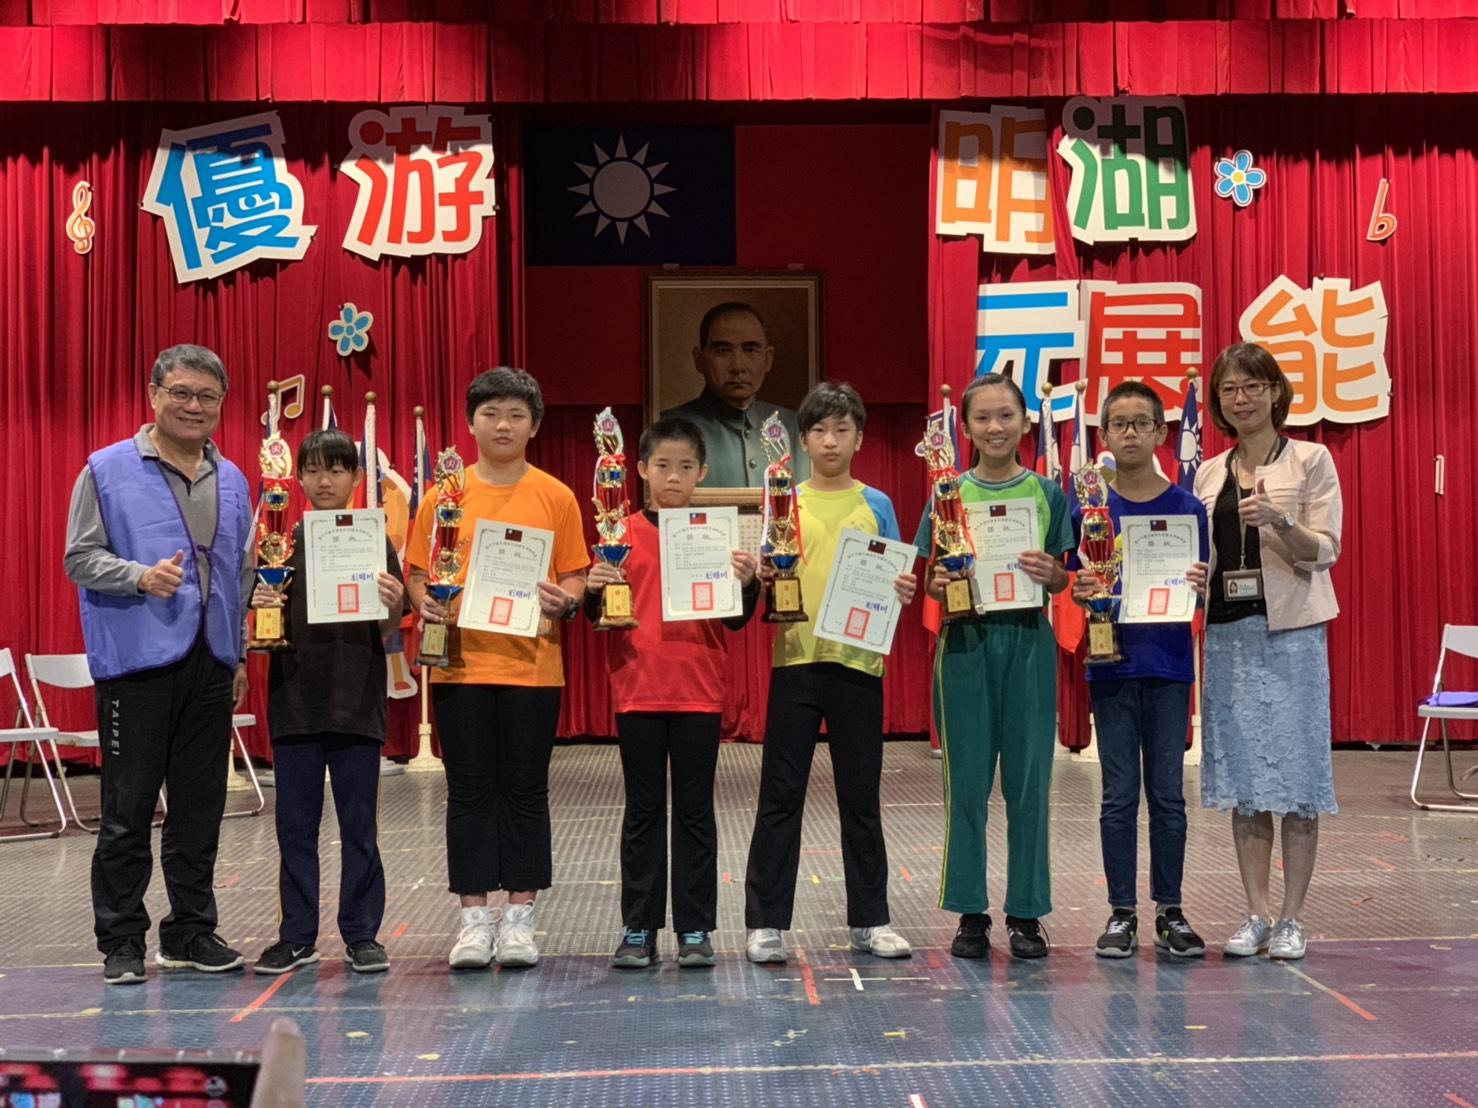 扯鈴隊榮獲108年臺北市青年盃民俗體育錦標賽【優勝】3